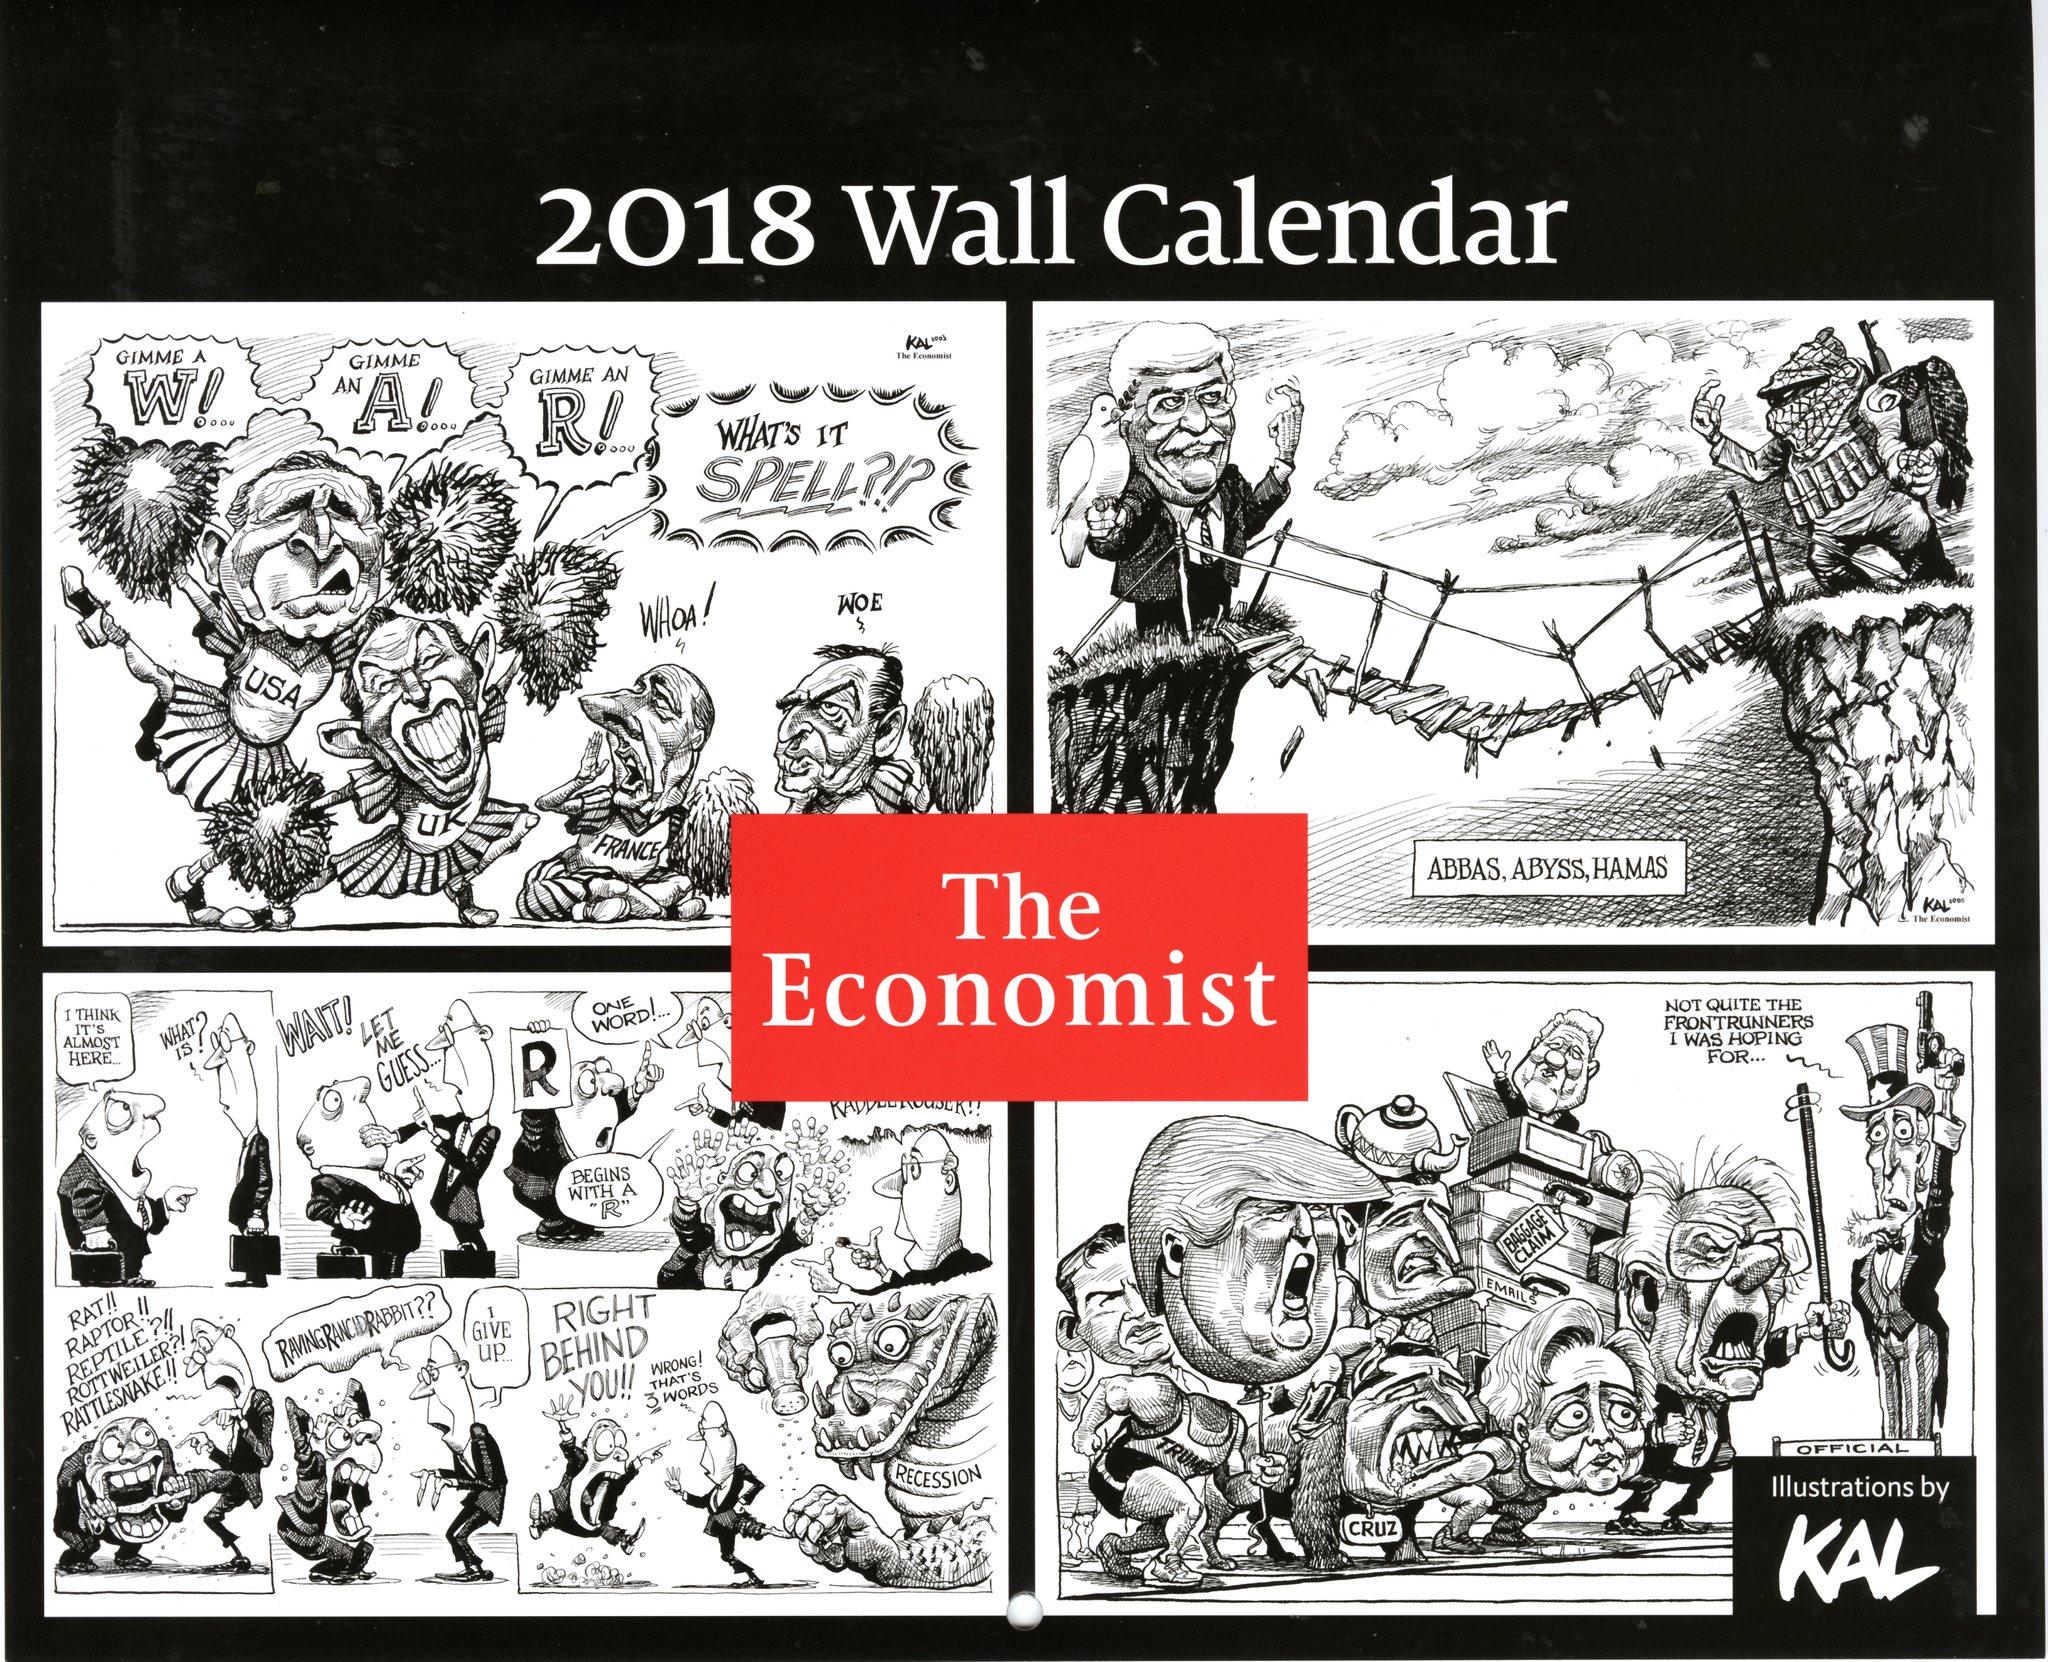 Calendar Cover 2018 : Economist calendar cover aminutetomidnite